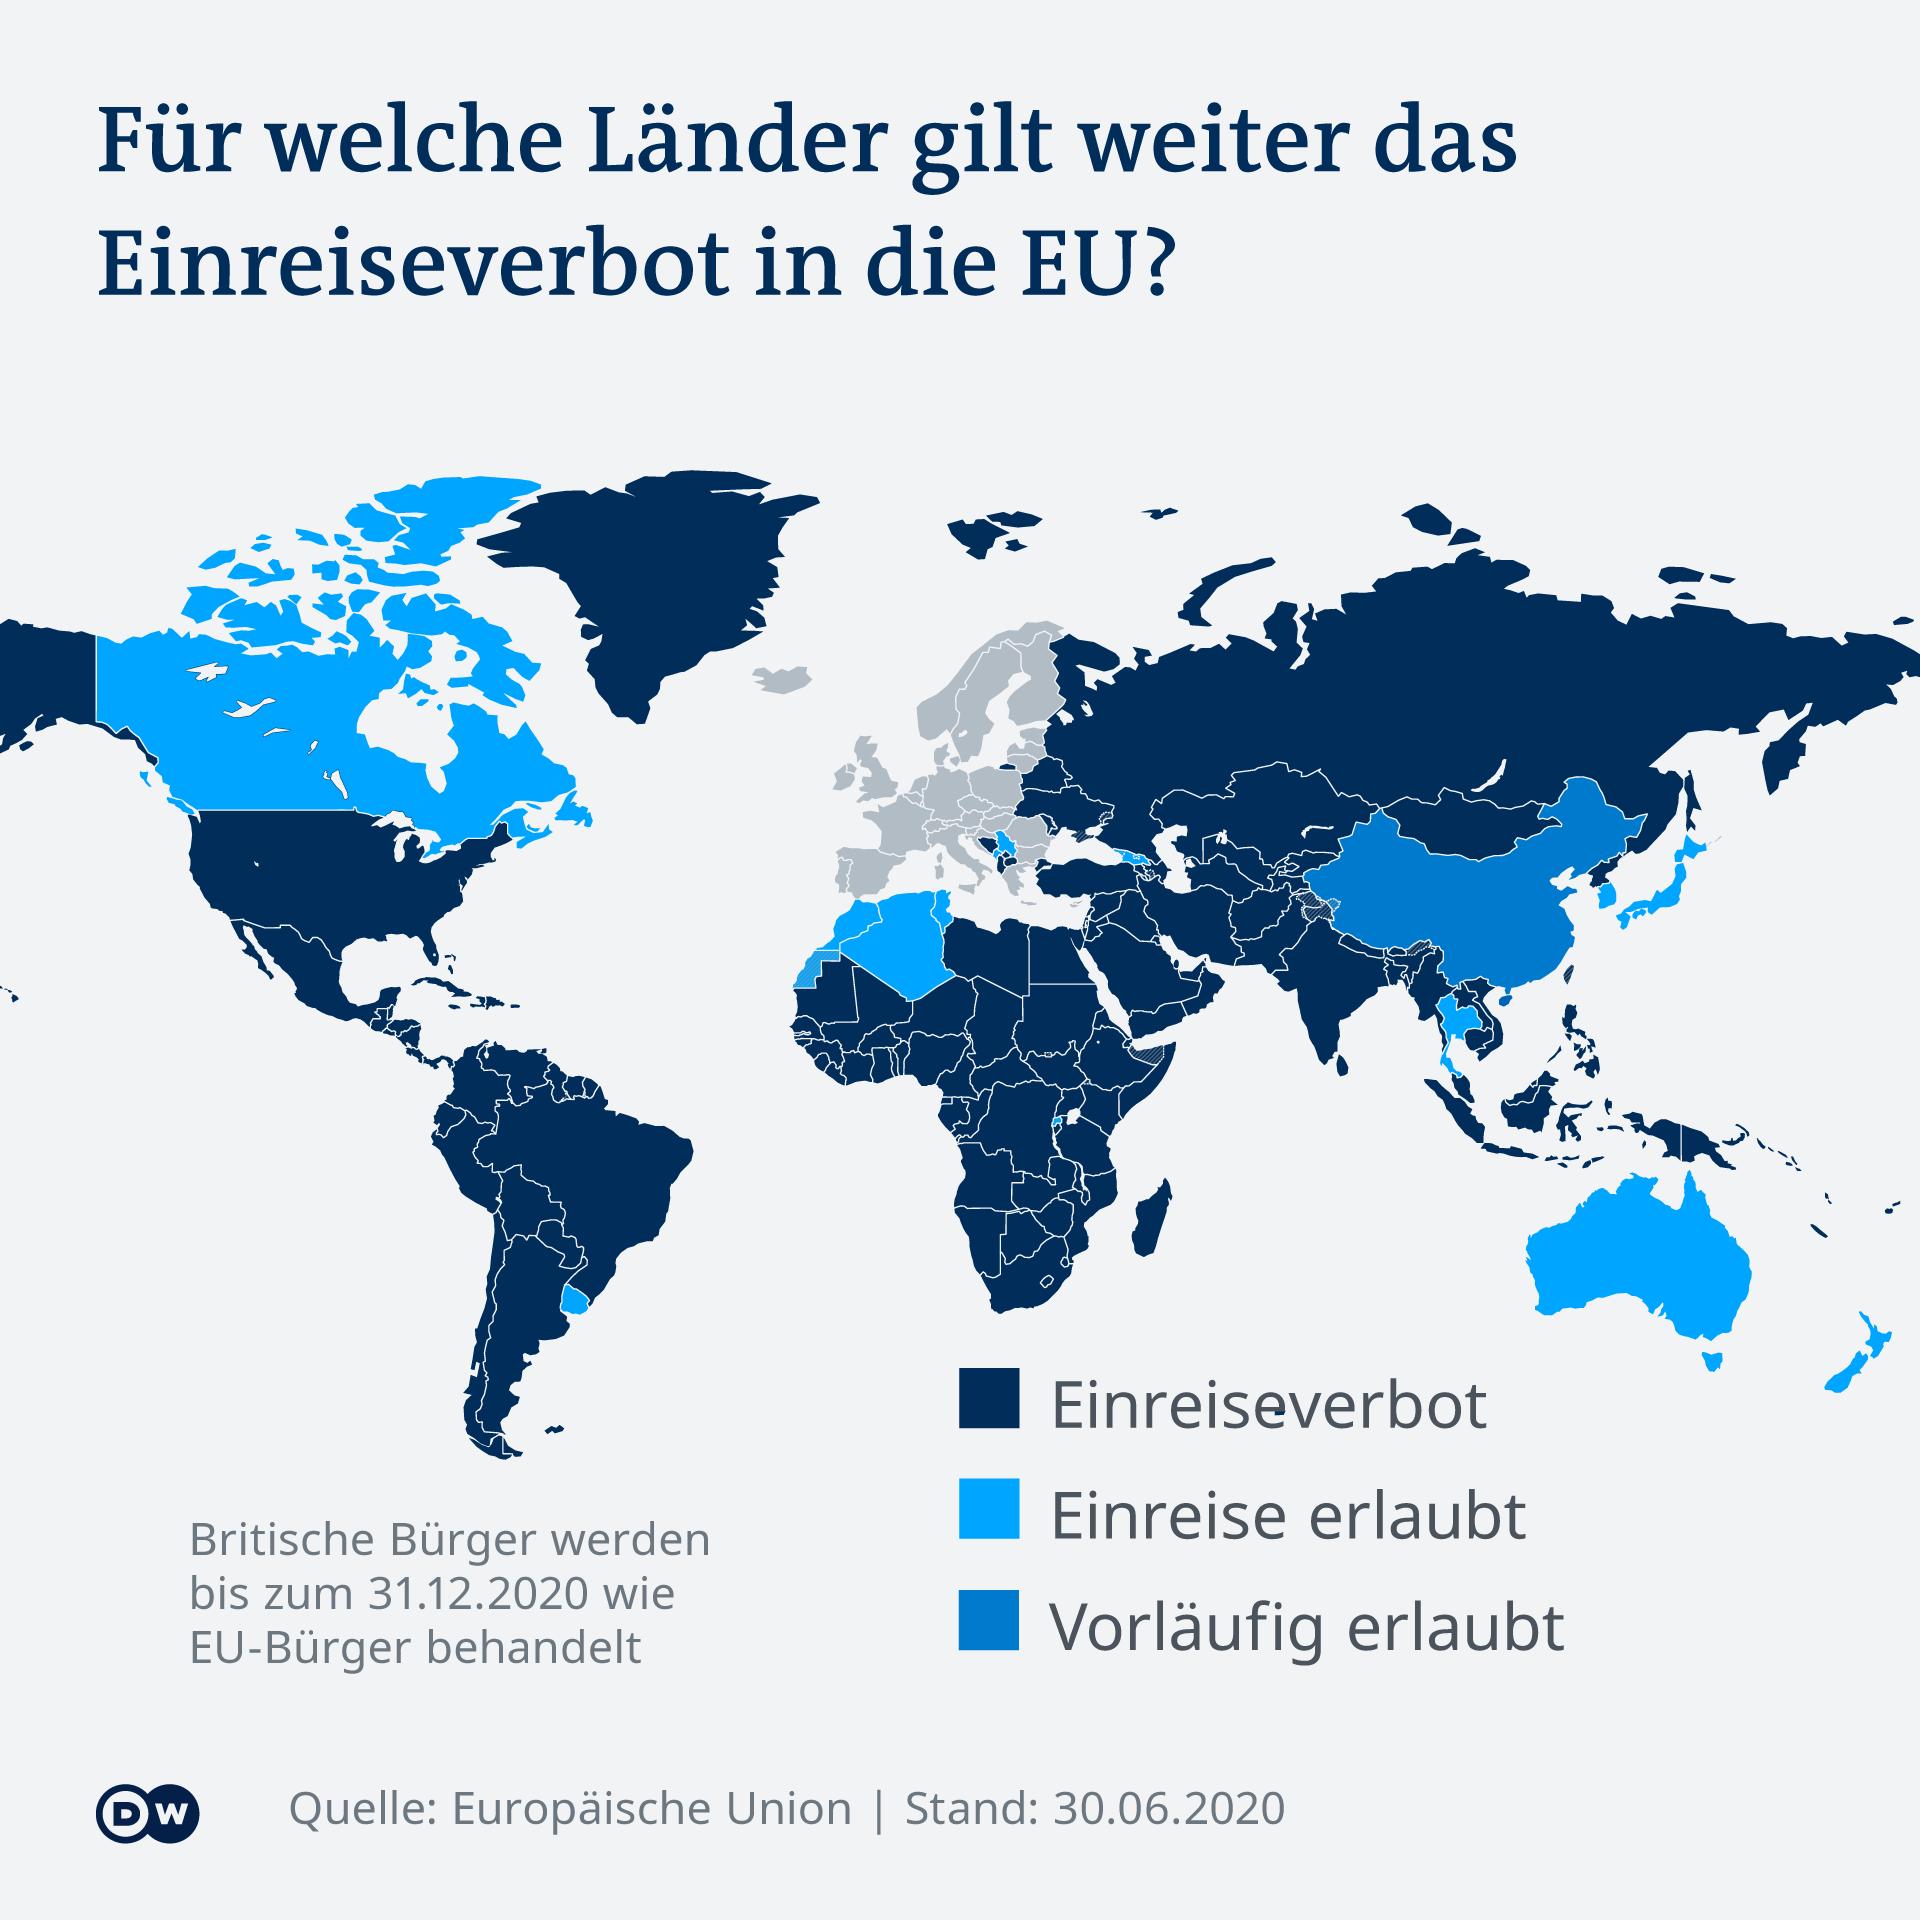 Infografik Für welche Länder gilt weiter das Einreiseverbot in die EU